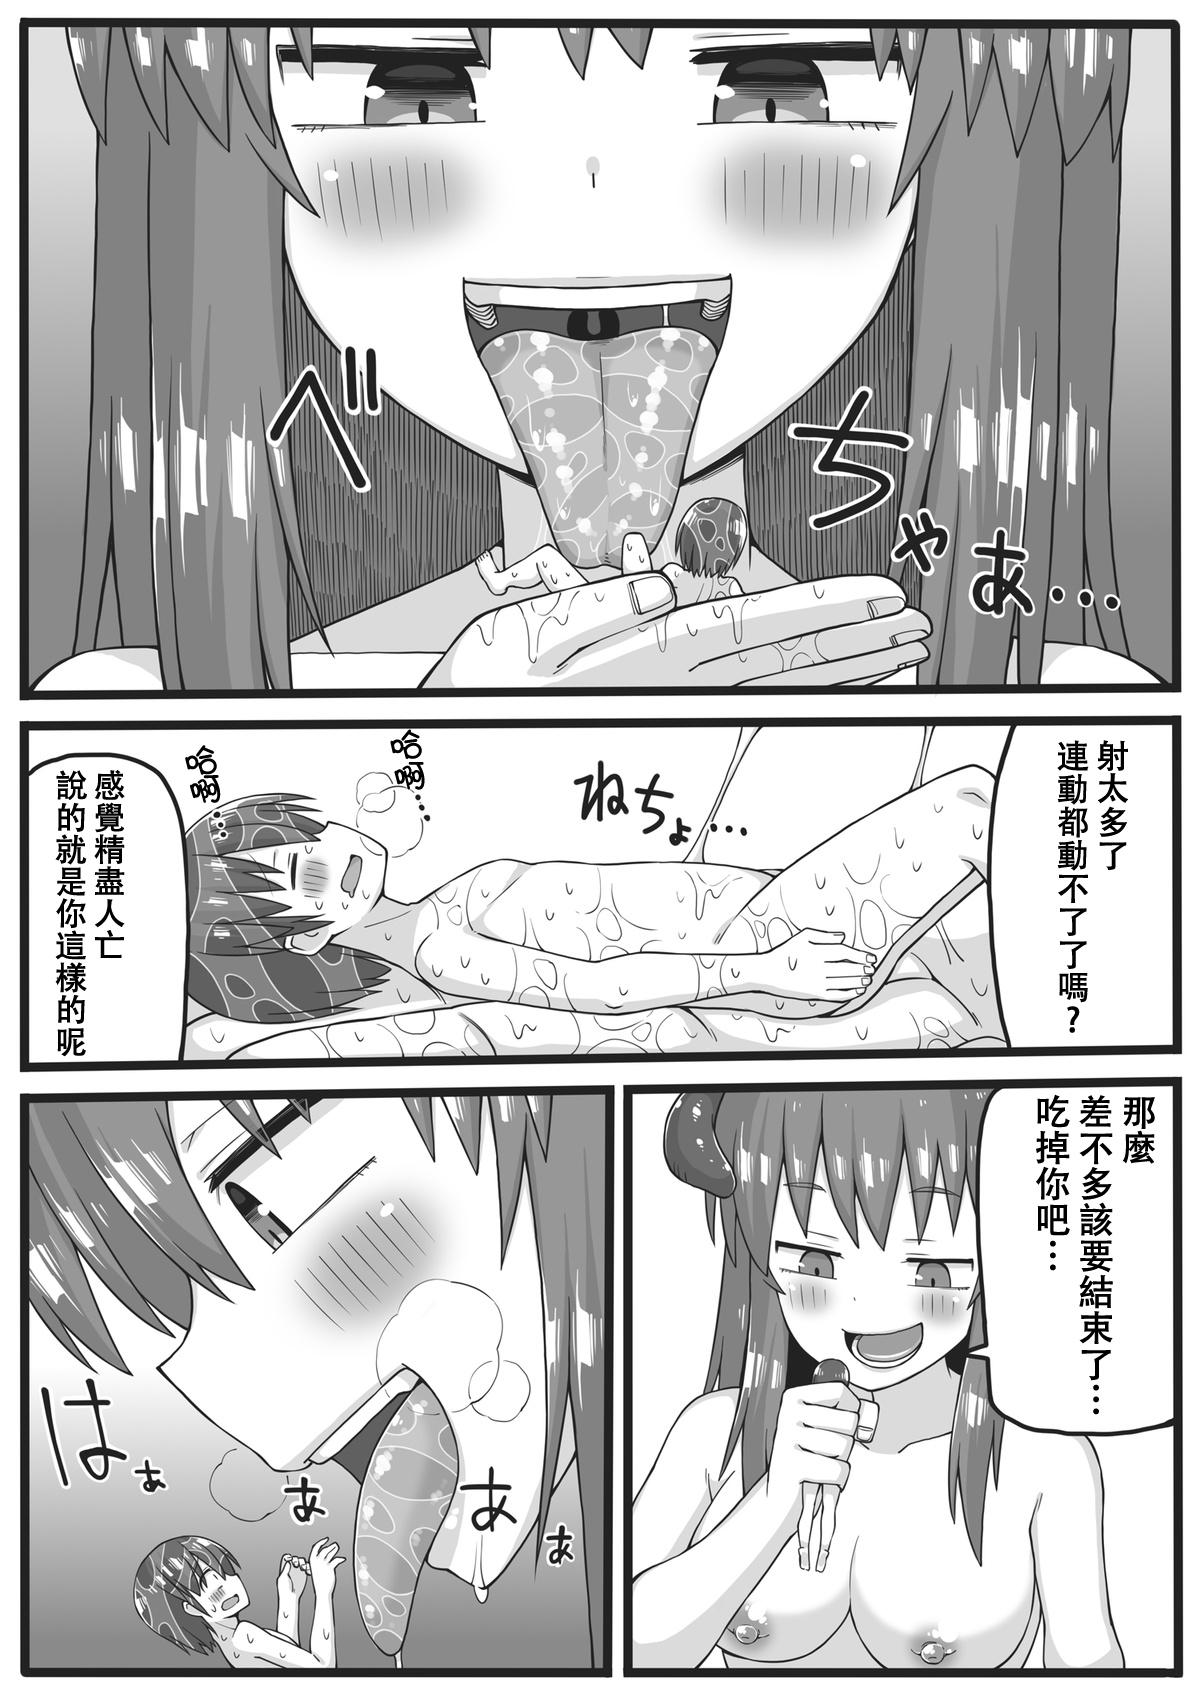 Yuusha ga Chiisaku Ecchi na Koto o Sarete Shimau Manga 27